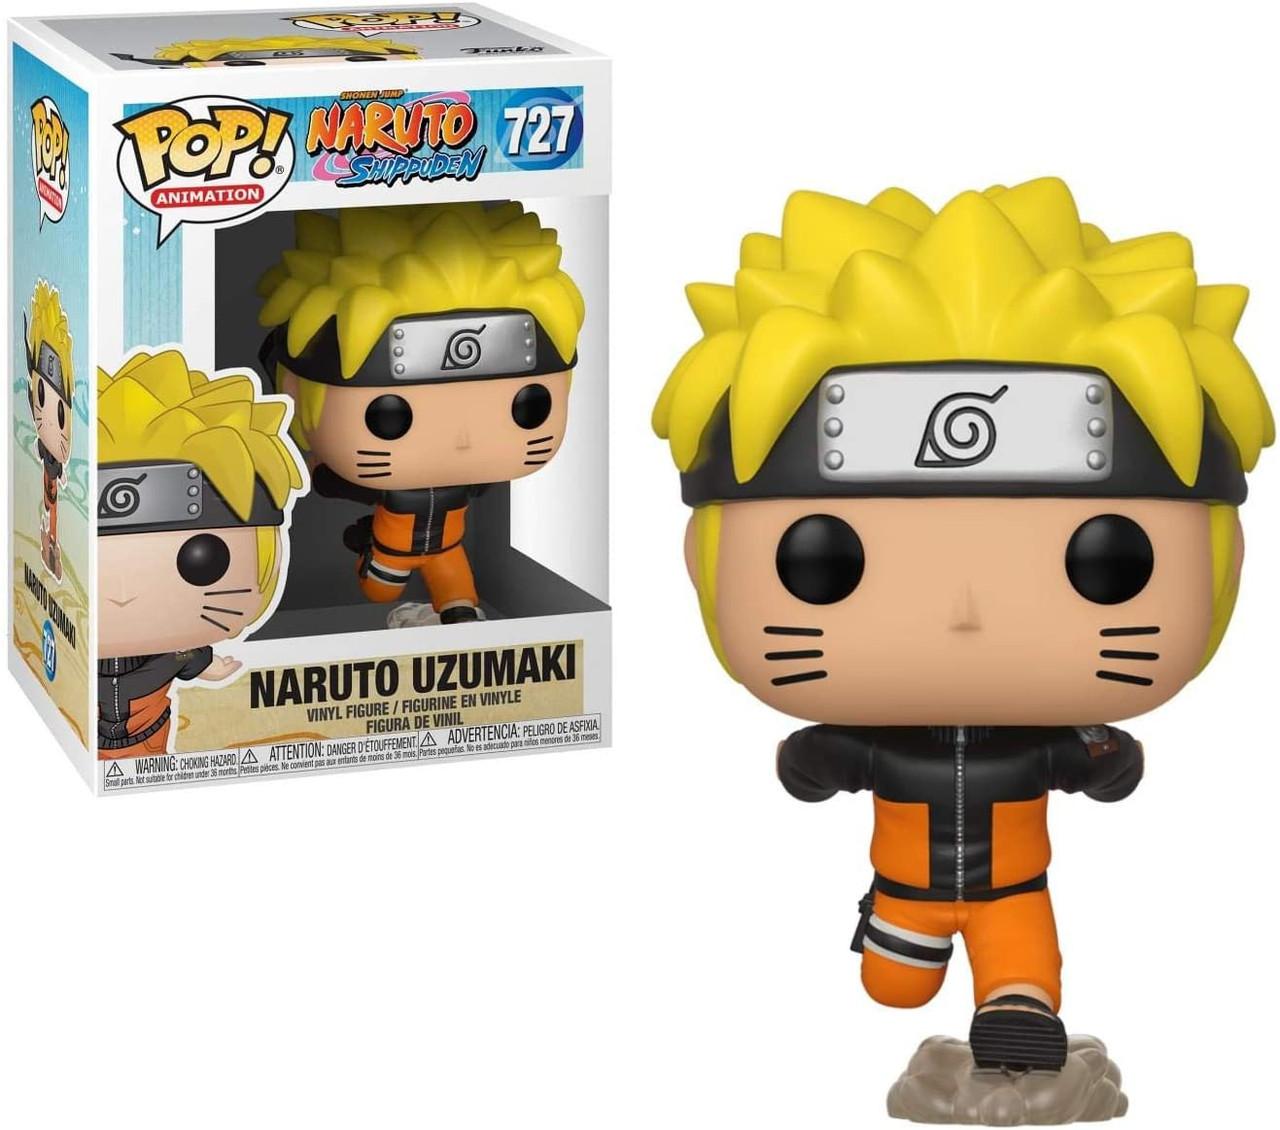 Naruto Shippuden Animation Anime Funko POP 71 Naruto Uzumaki